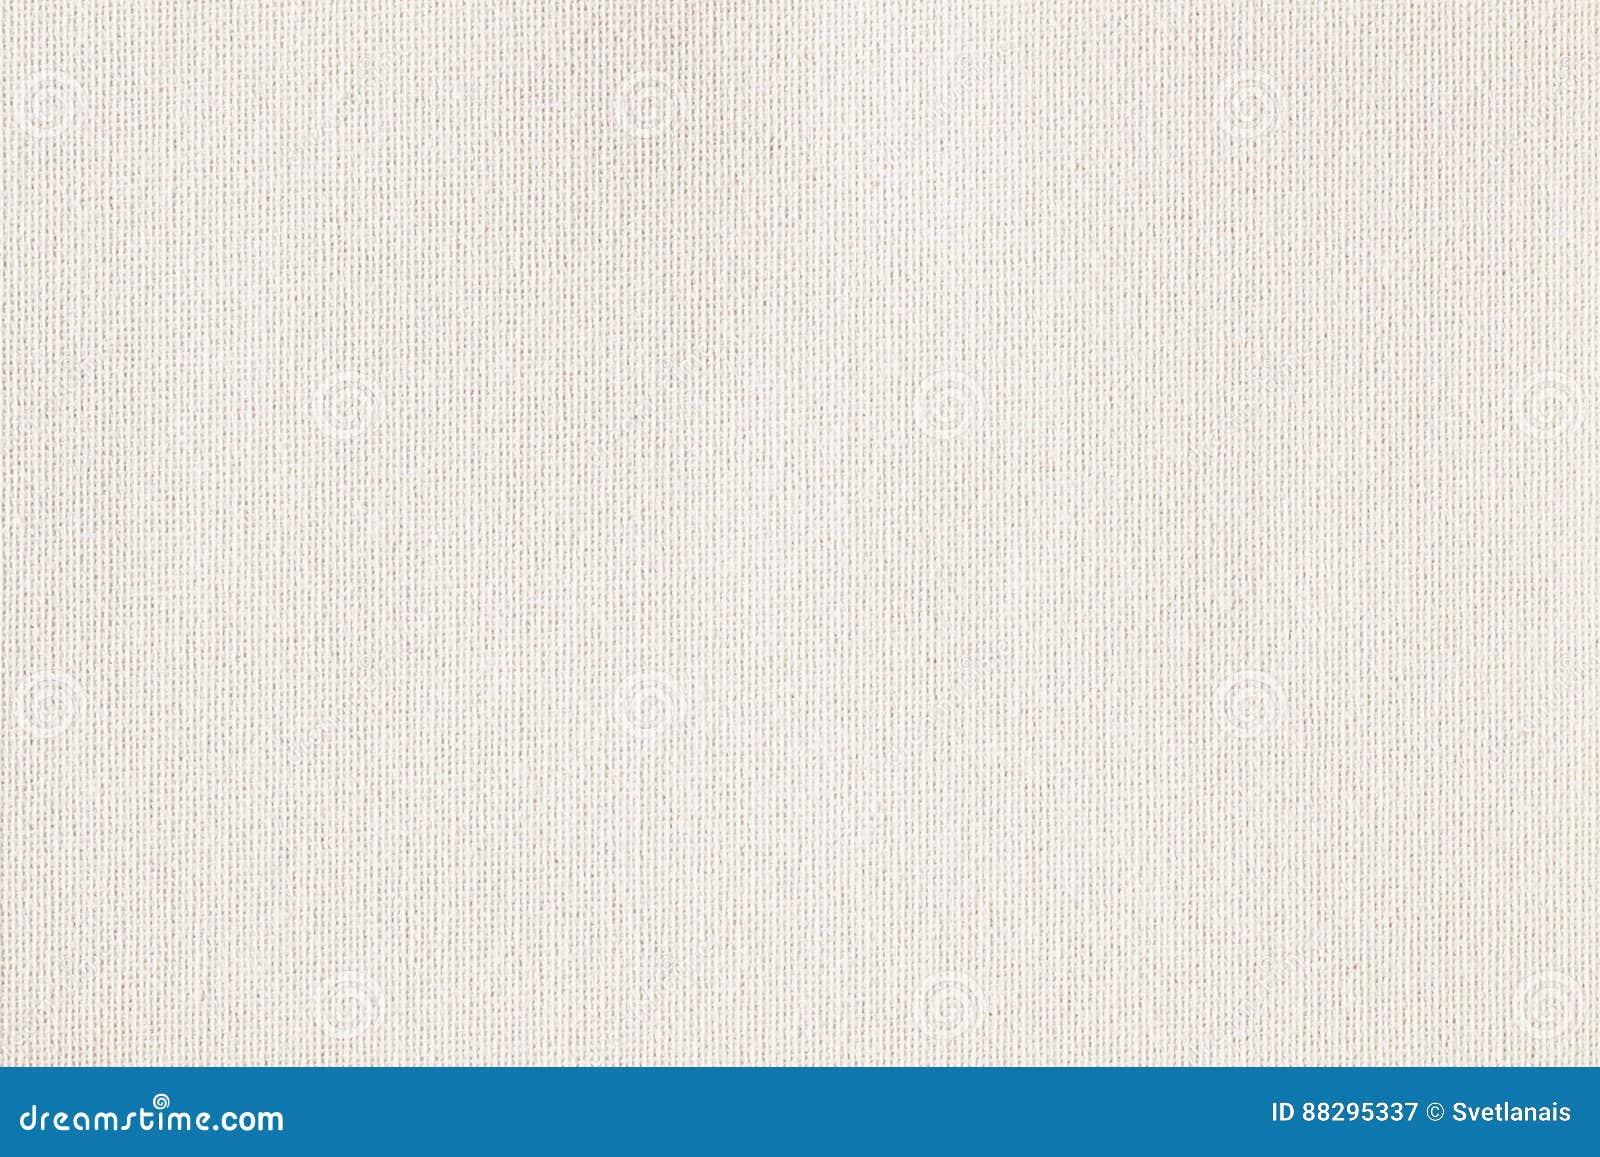 Toile à sac, toile, tissu, jute, modèle de texture pour le fond Couleur douce crème Petite diagonale